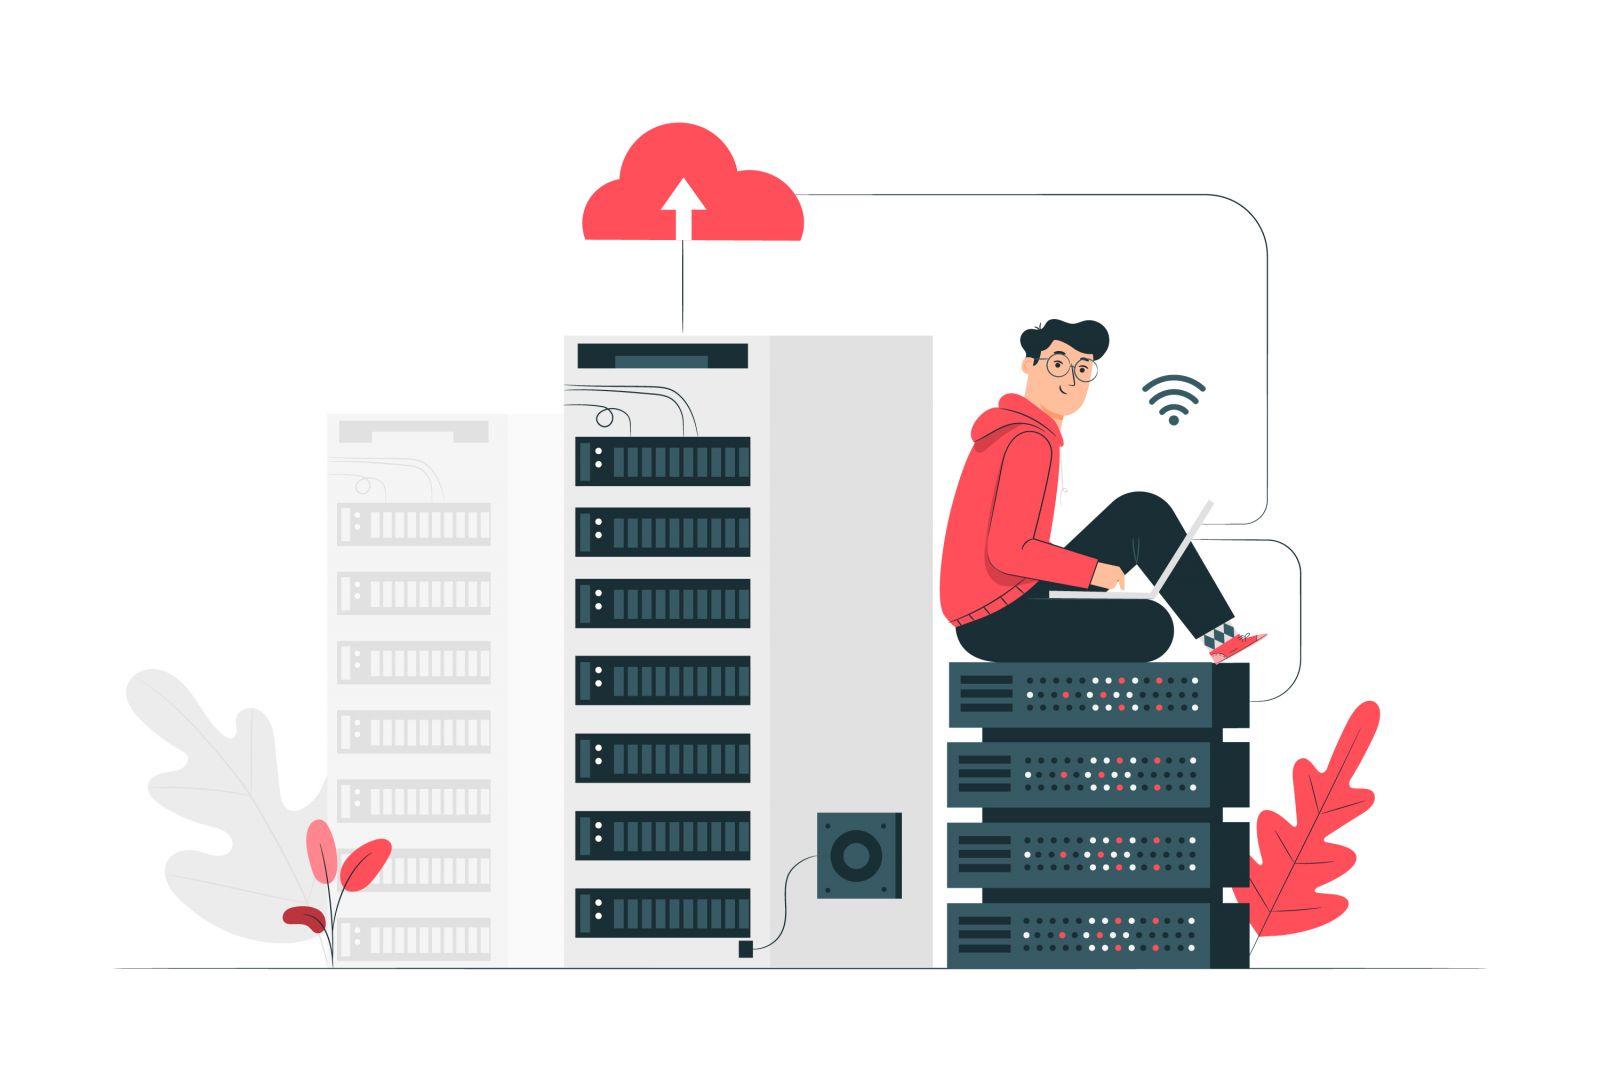 ilustração de usuário ligado ao servidor